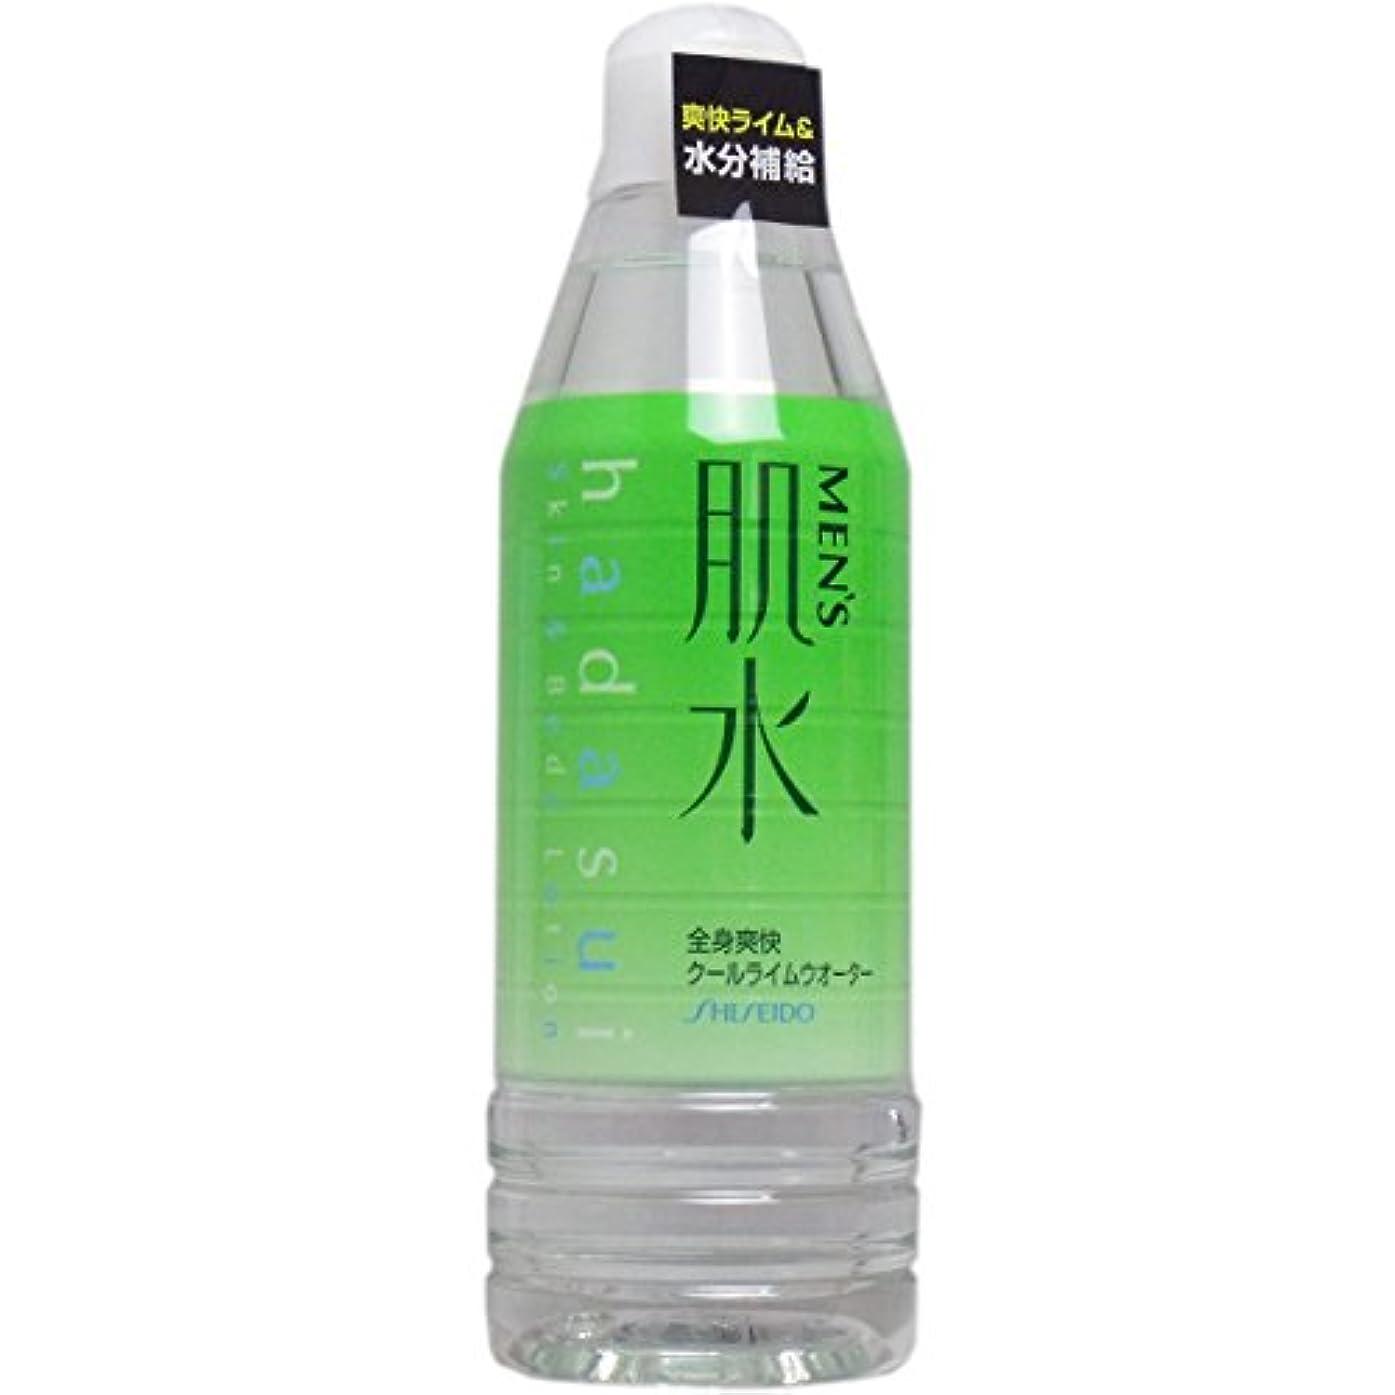 疫病福祉ひまわり資生堂メンズ 肌水ボトル 400ml